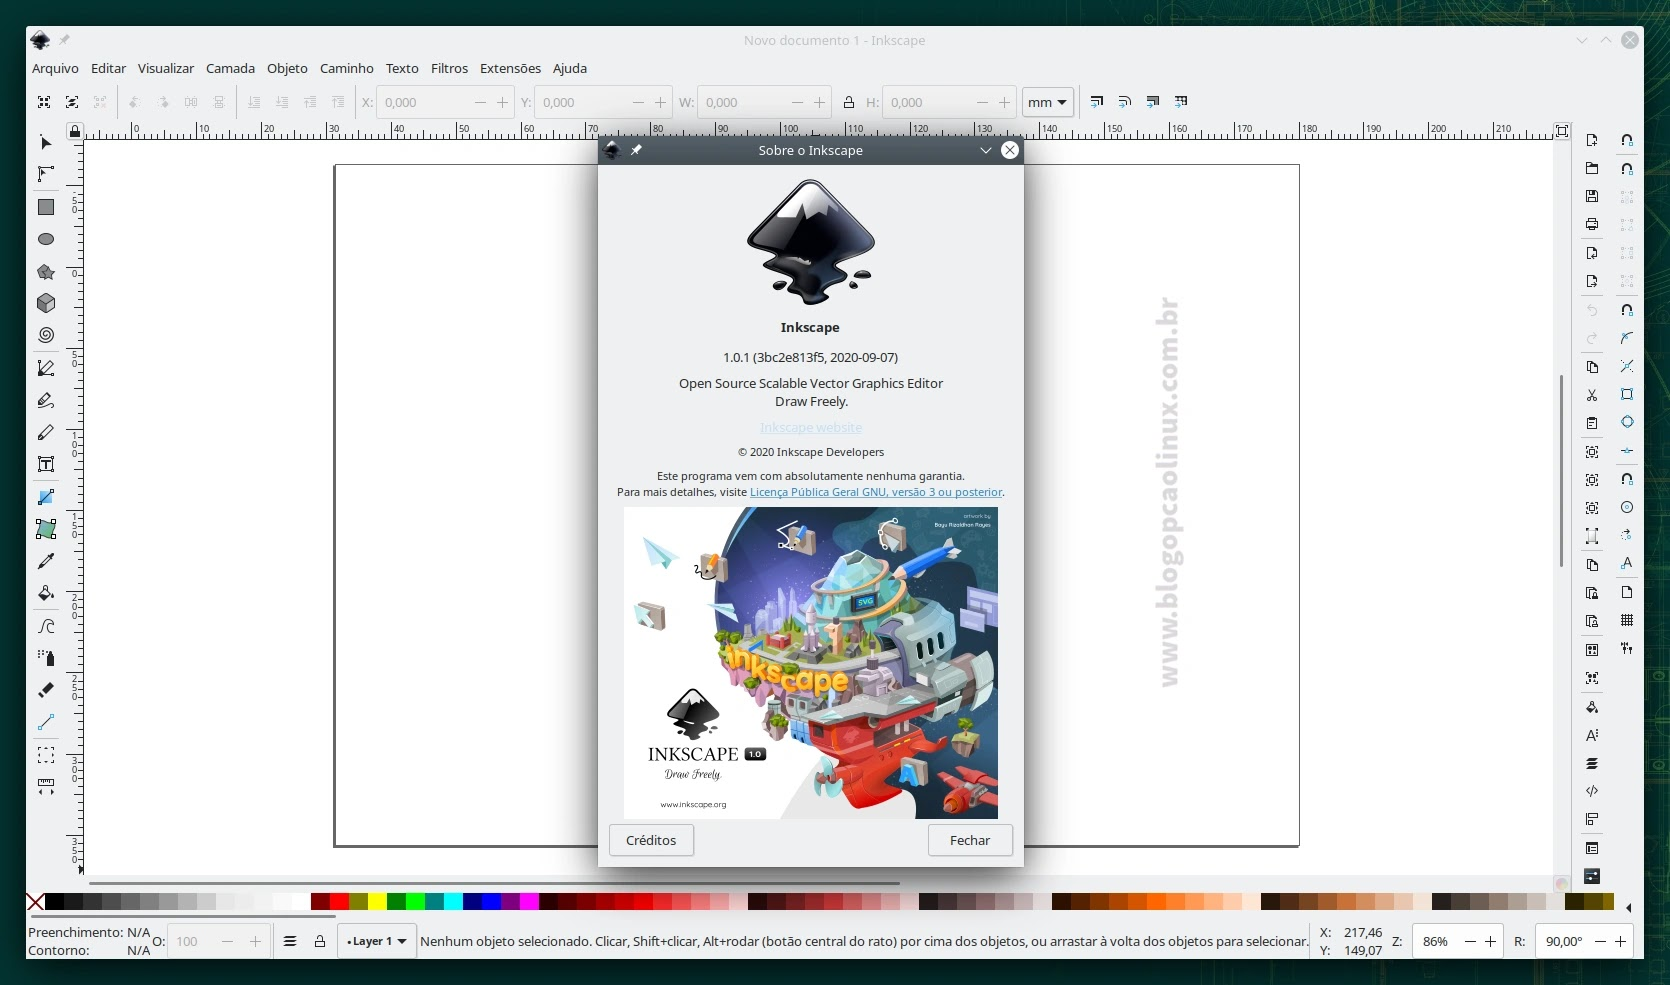 Inkscape executando no openSUSE Leap 15.3